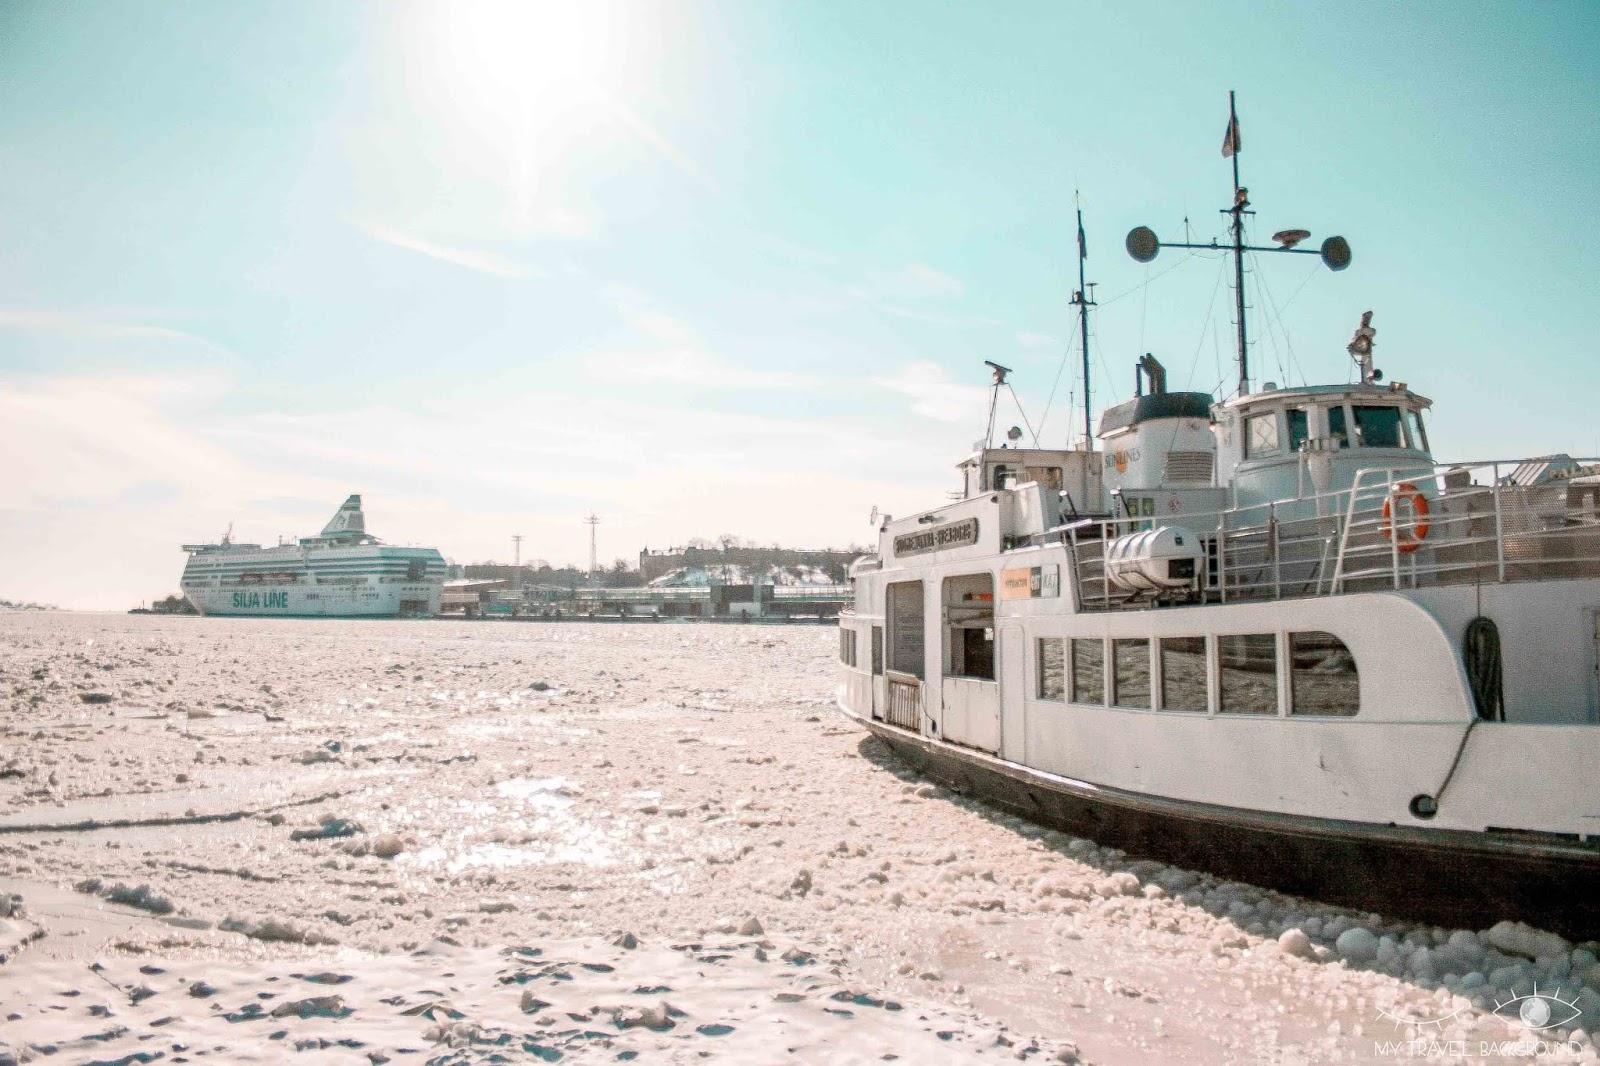 My Travel Background : 2 jours pour découvrir Helsinki, la capitale de la Finlande